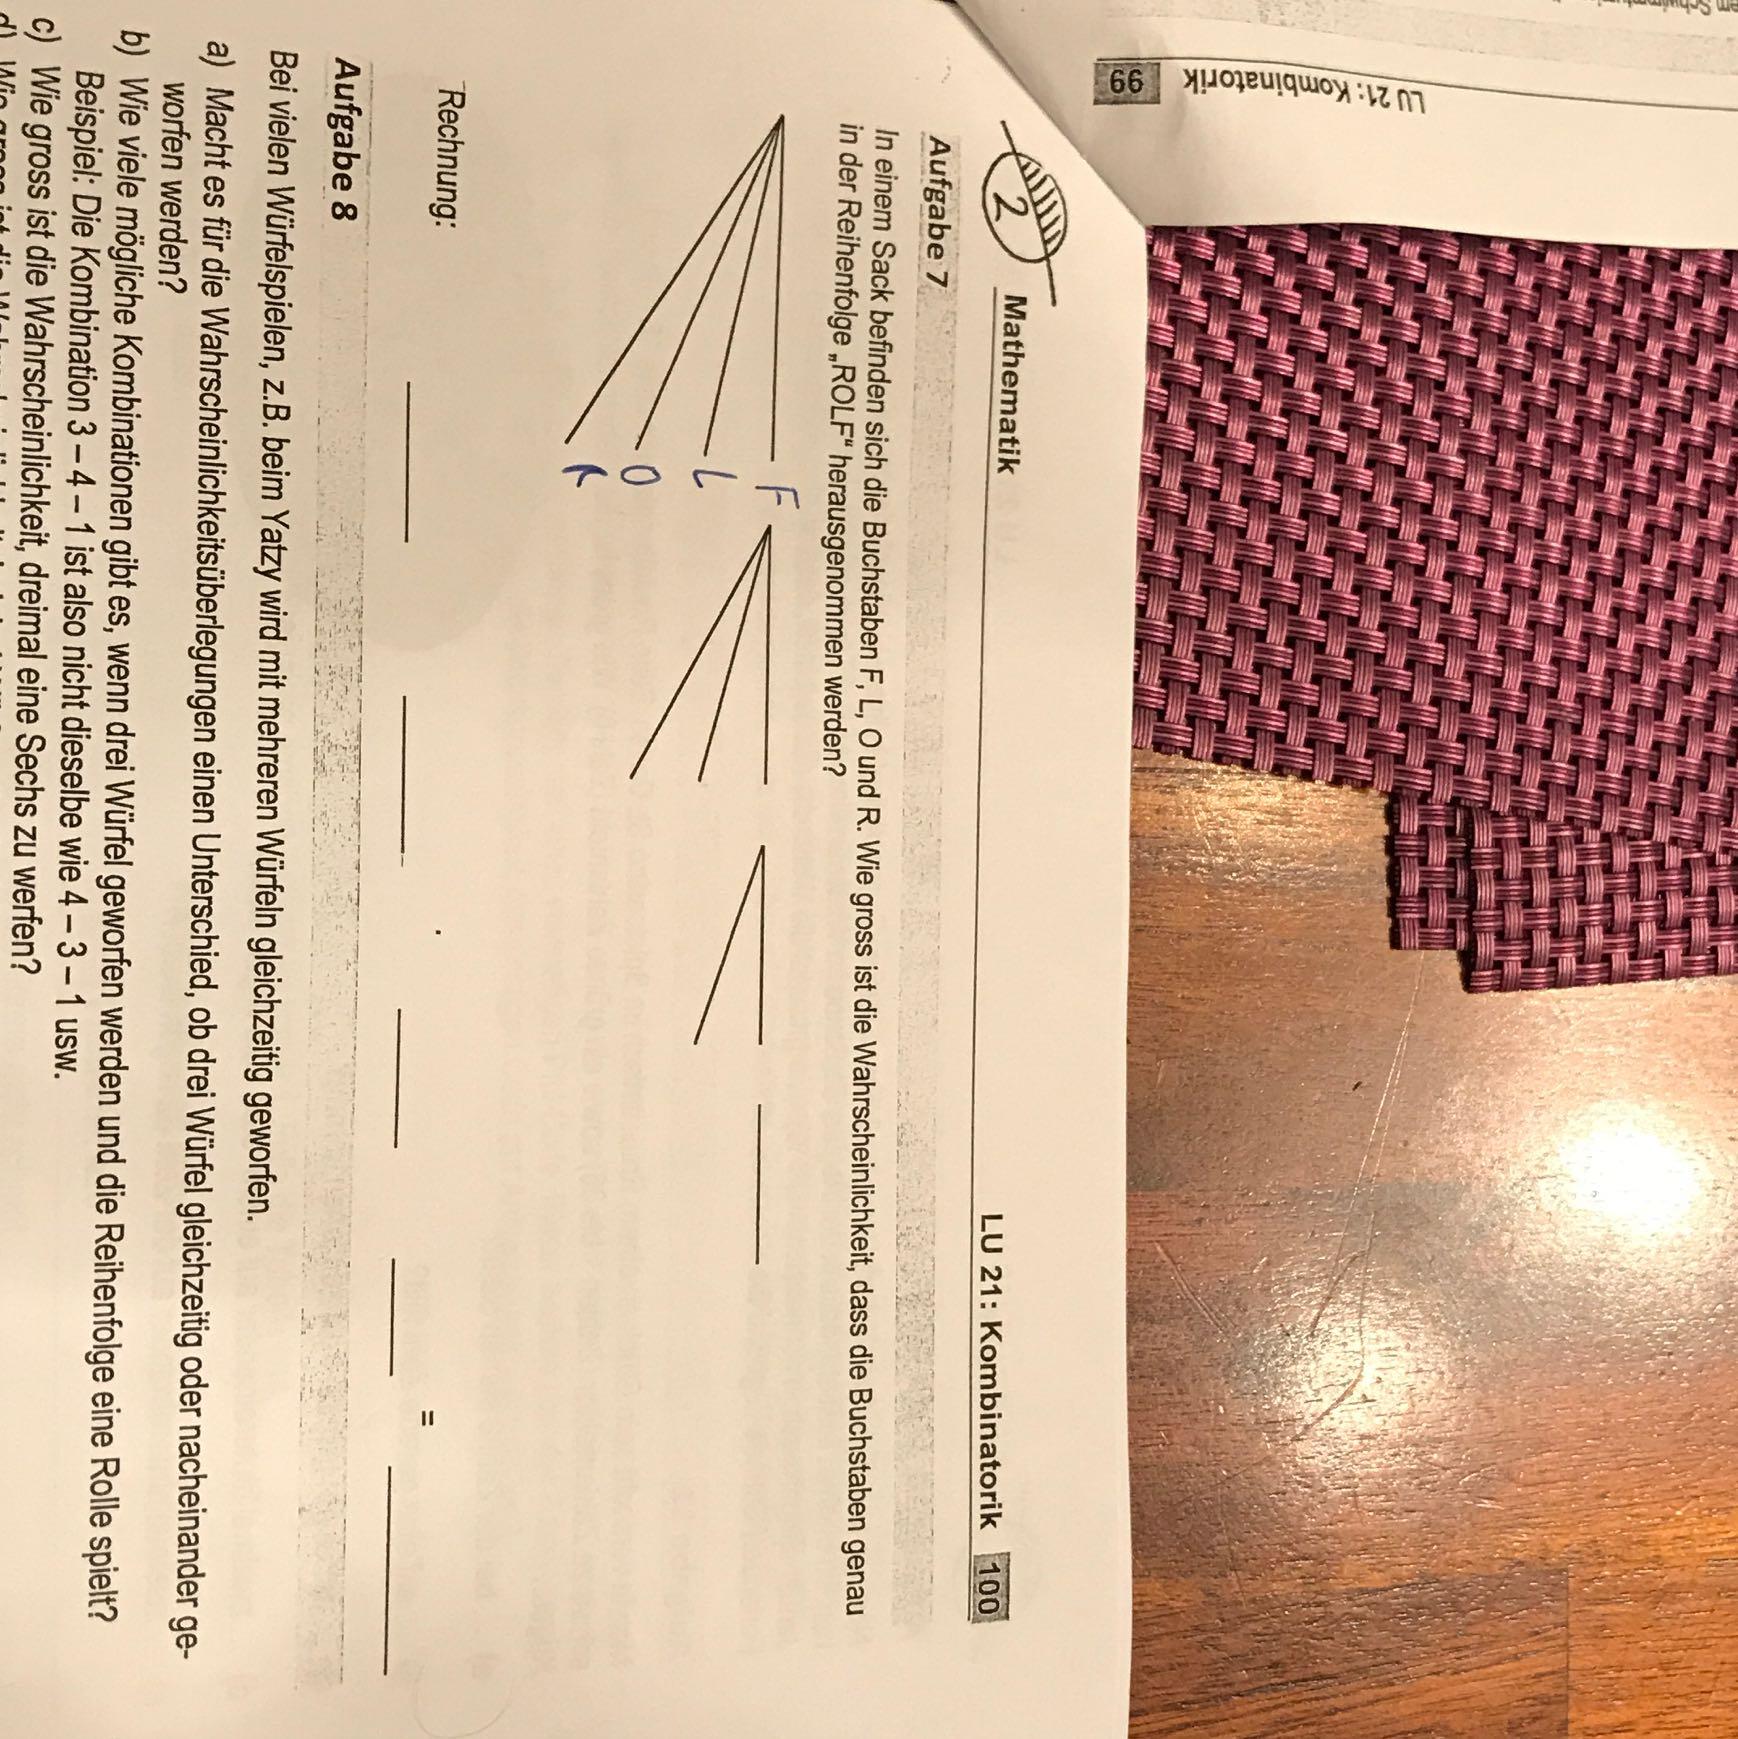 Ausgezeichnet 7. Klasse In Mathe Wahrscheinlichkeit Arbeitsblatt ...